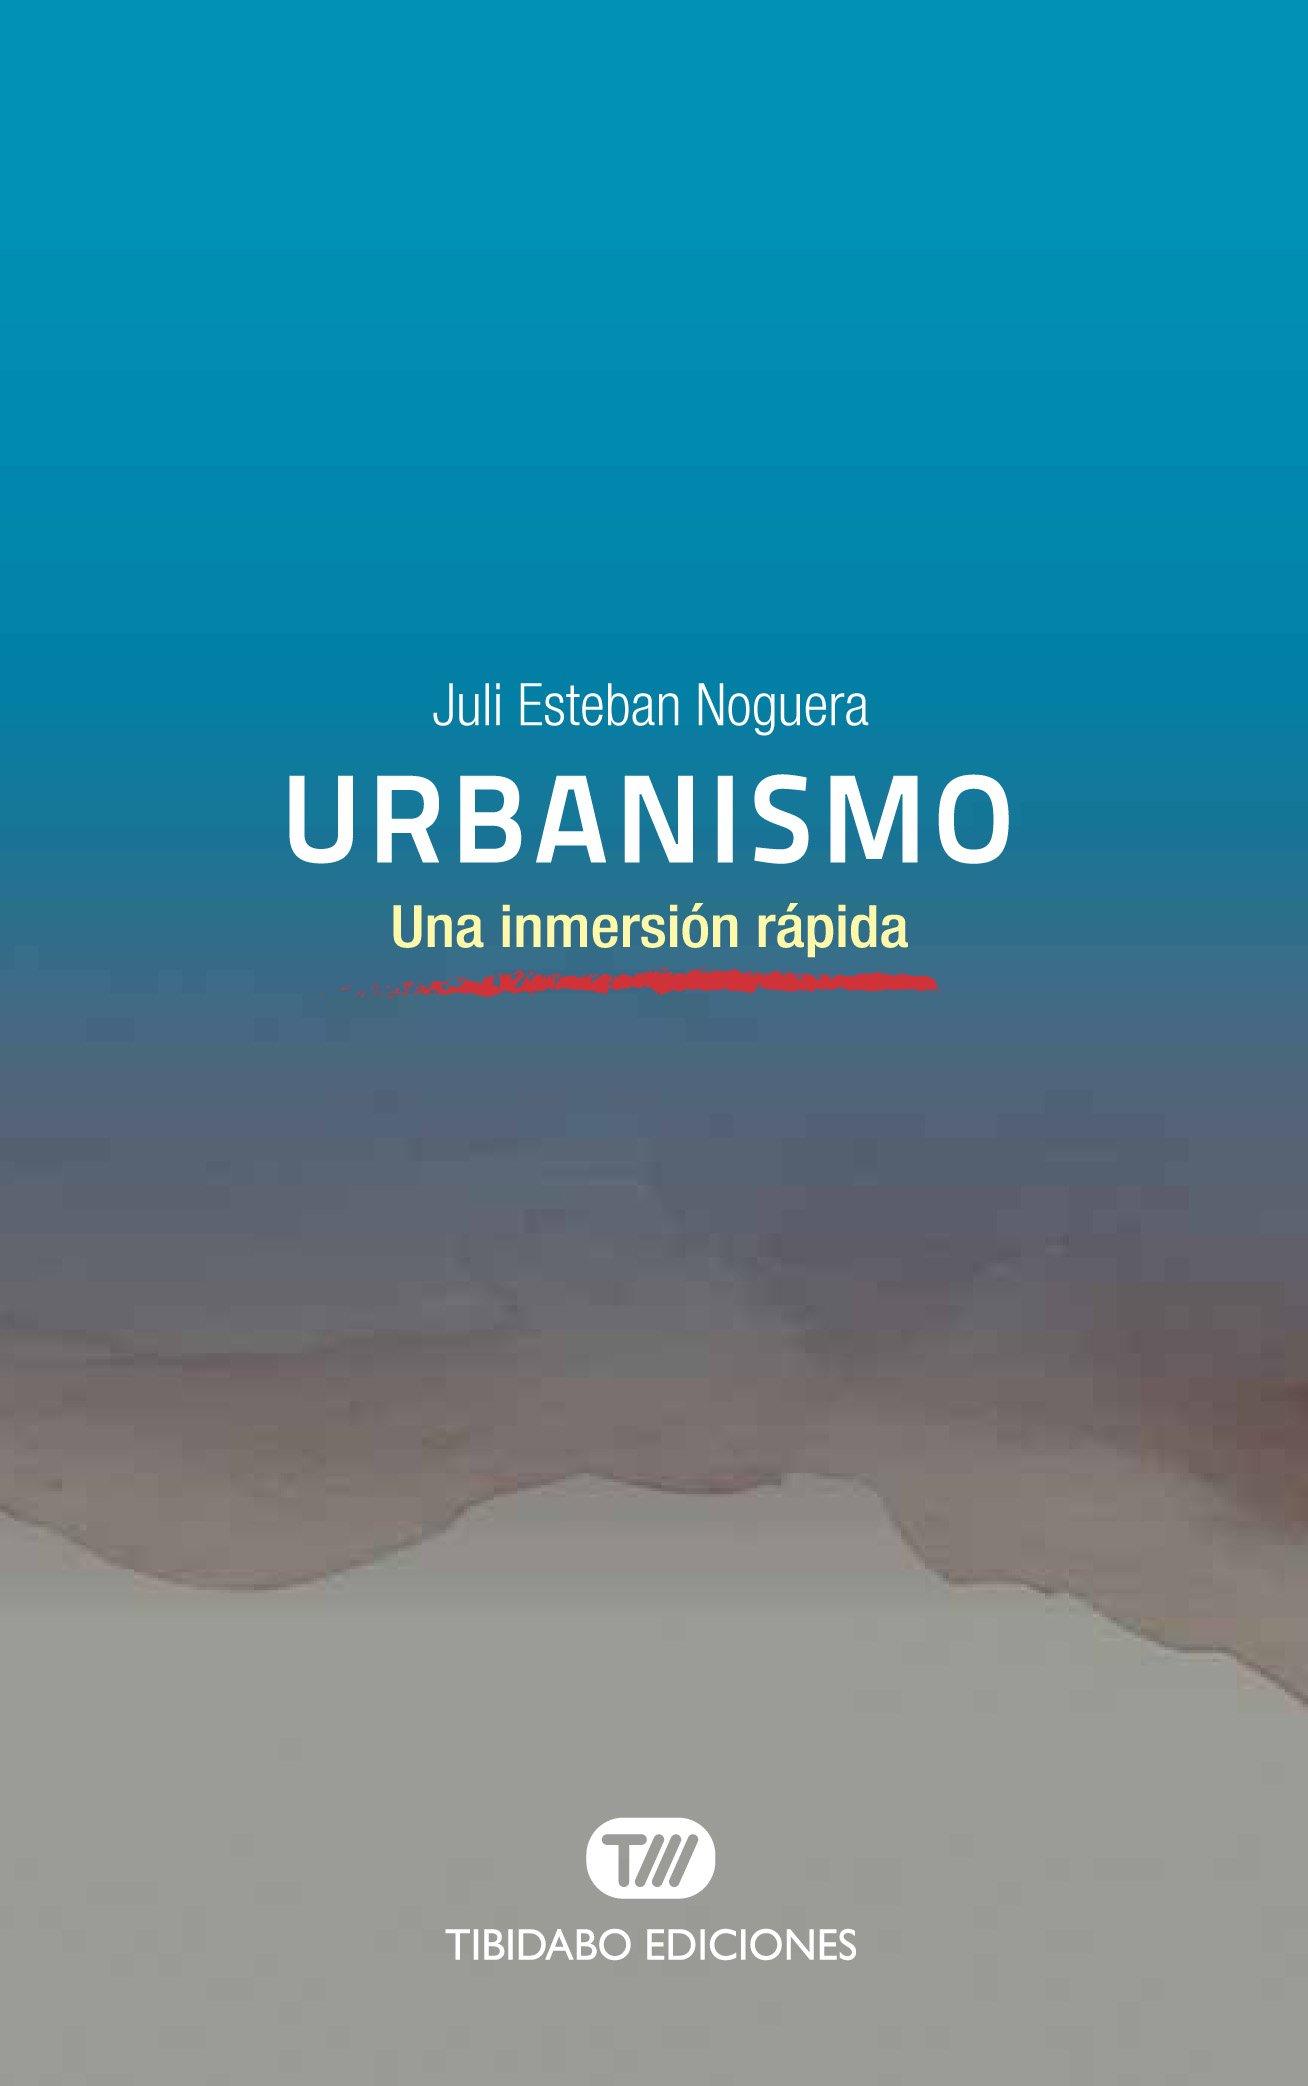 Urbanismo: Una inmersión rápida